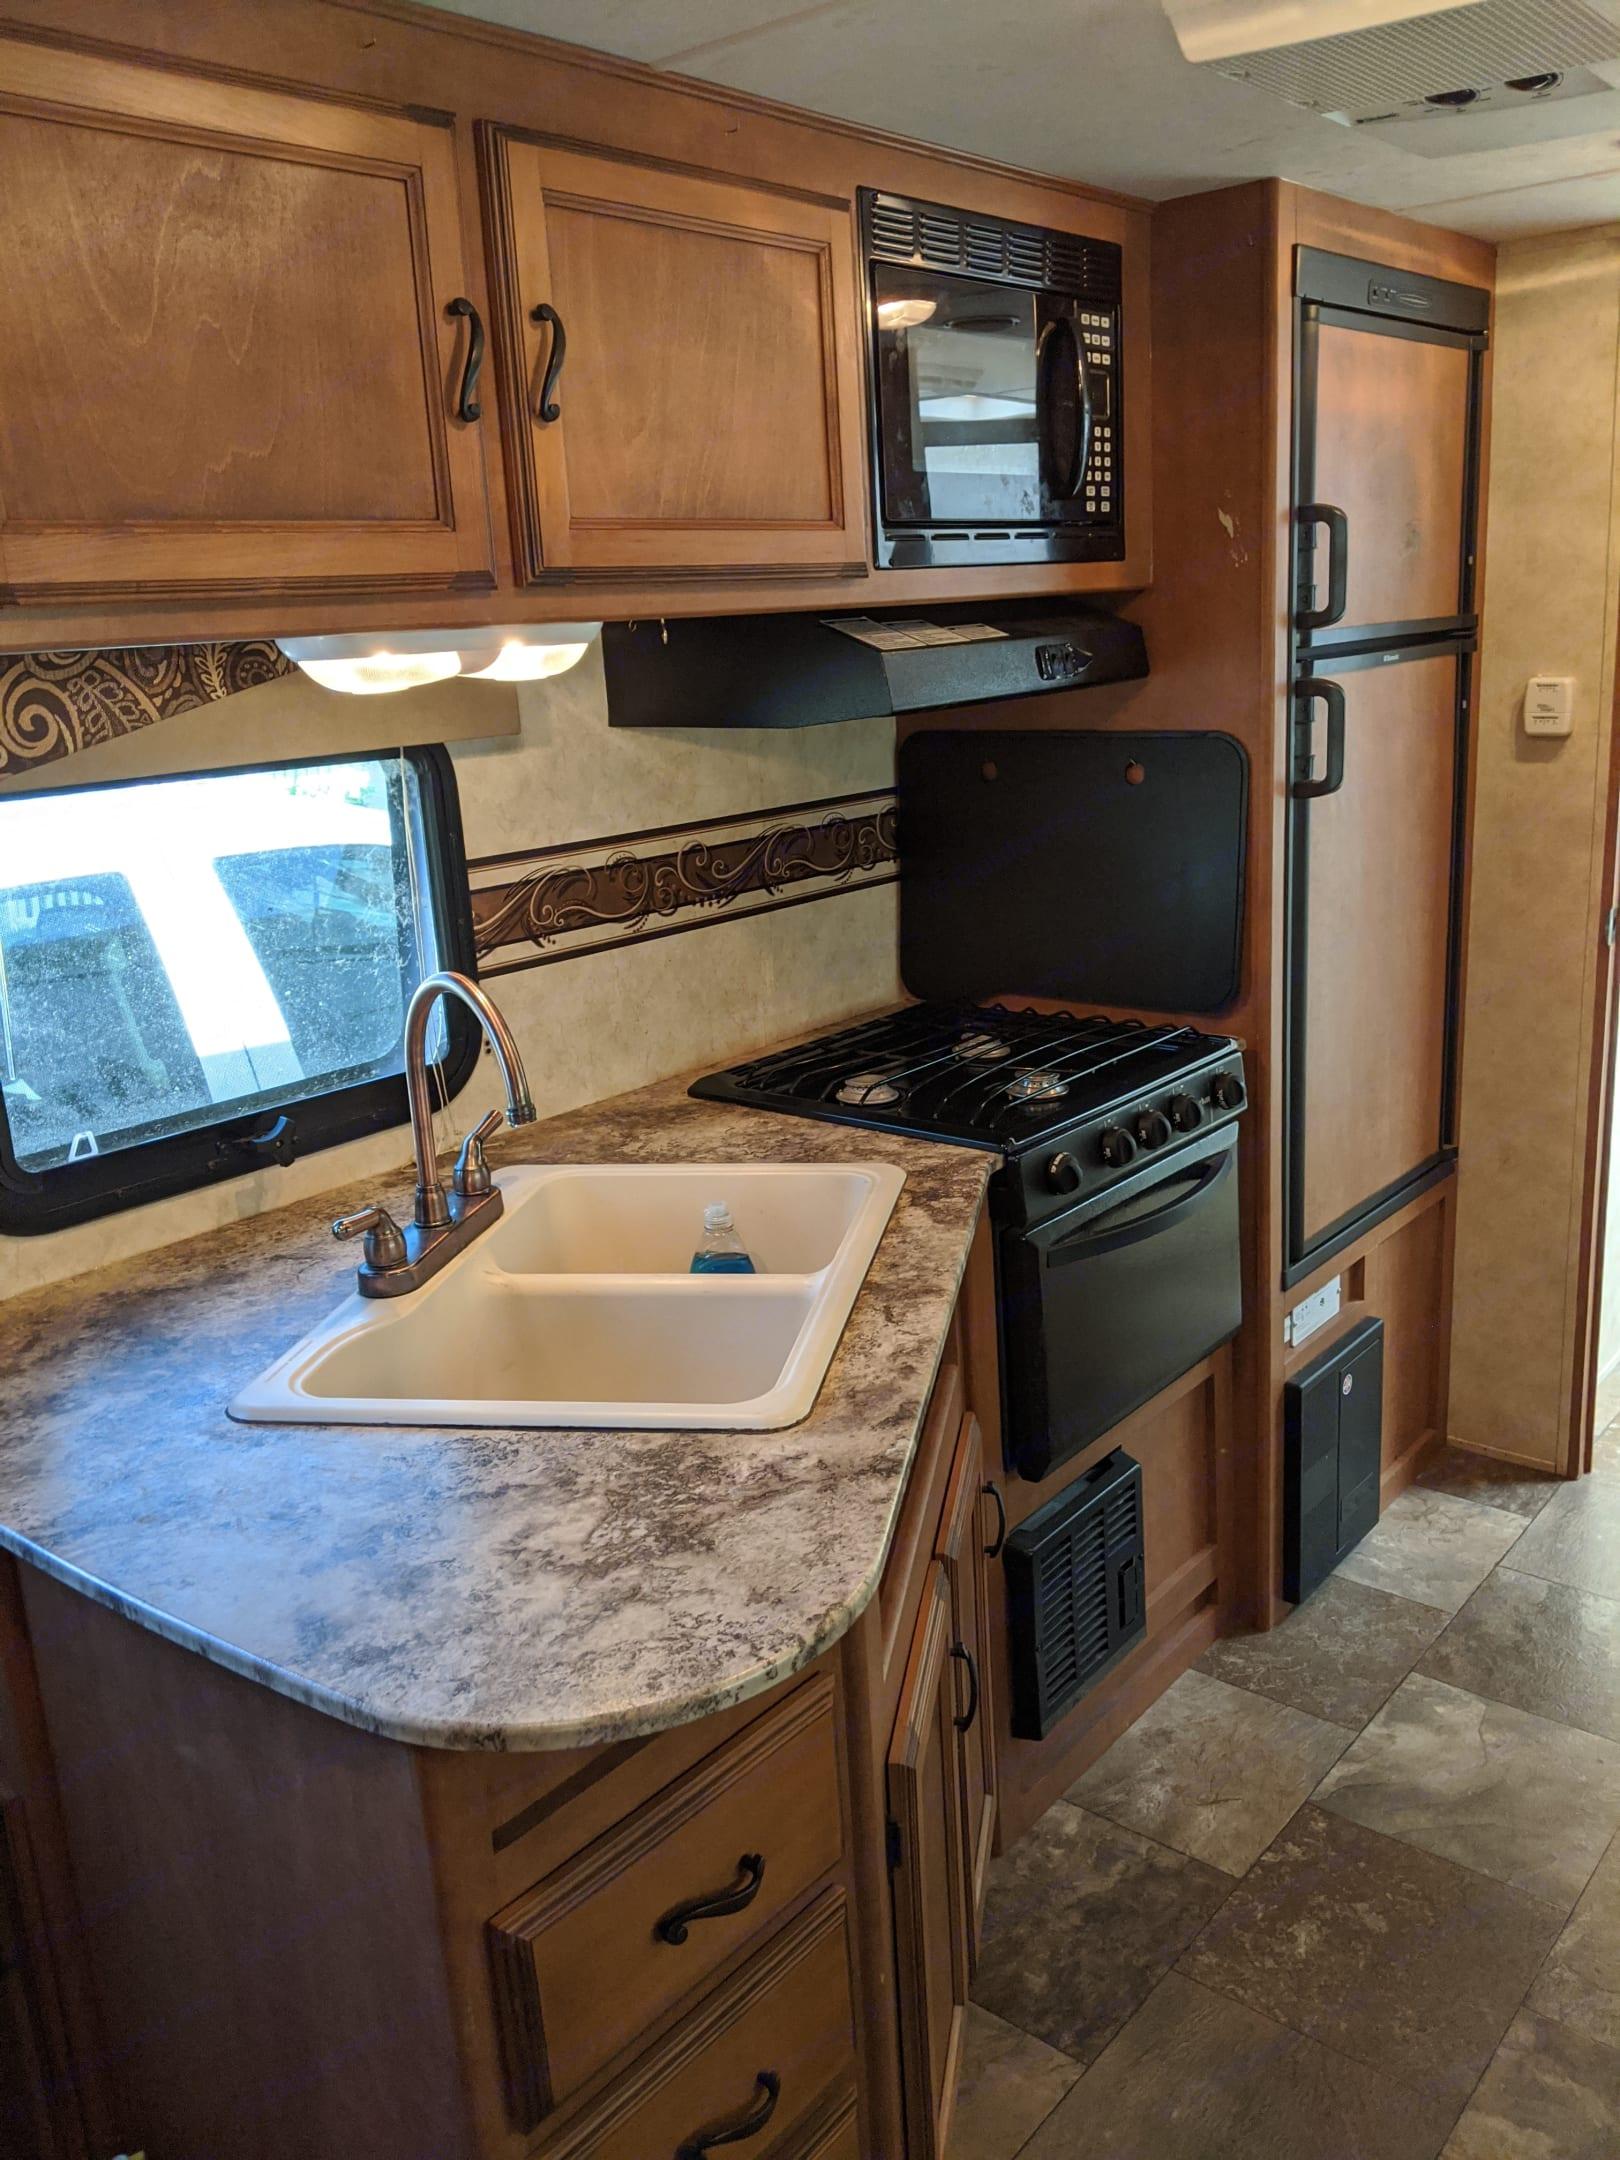 Kitchen and fridge. Coachmen Apex 2013